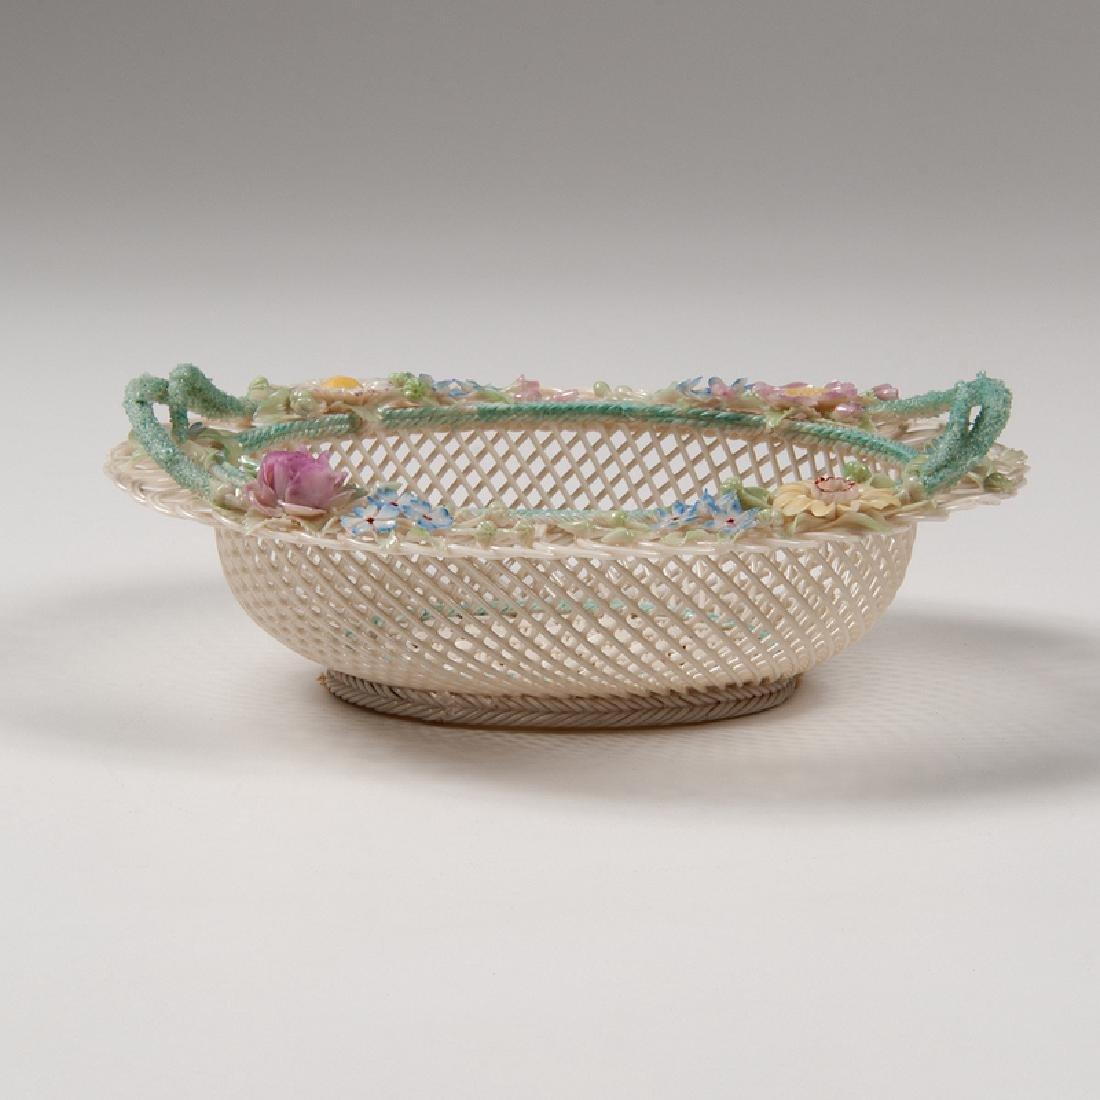 Belleek Openwork Basket